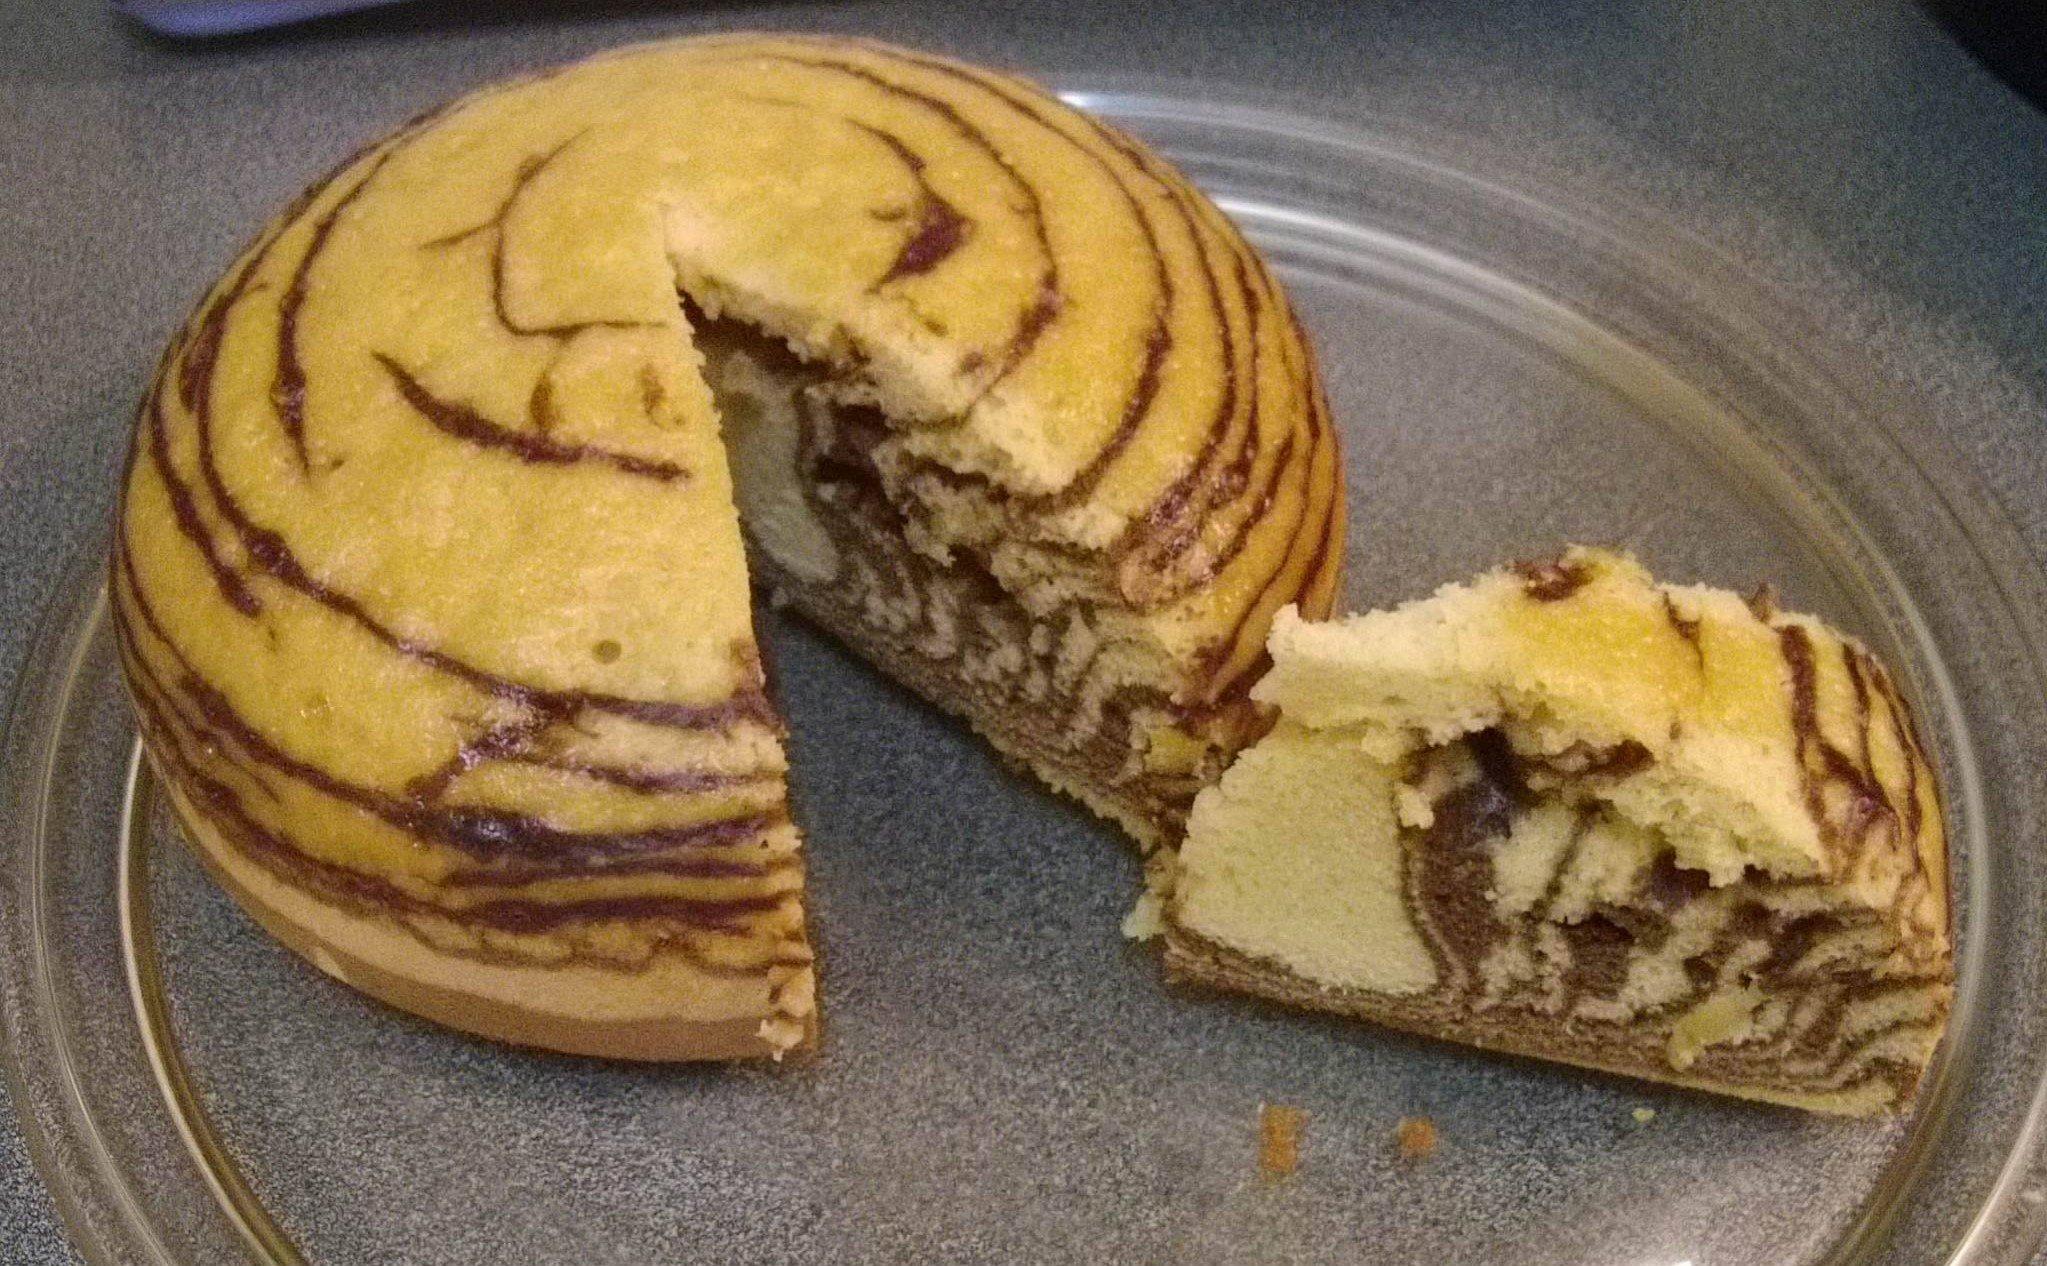 Recette cookeo Gâteau zébré de Jocelyne Chatillon au cookeo , Cookeo Mania